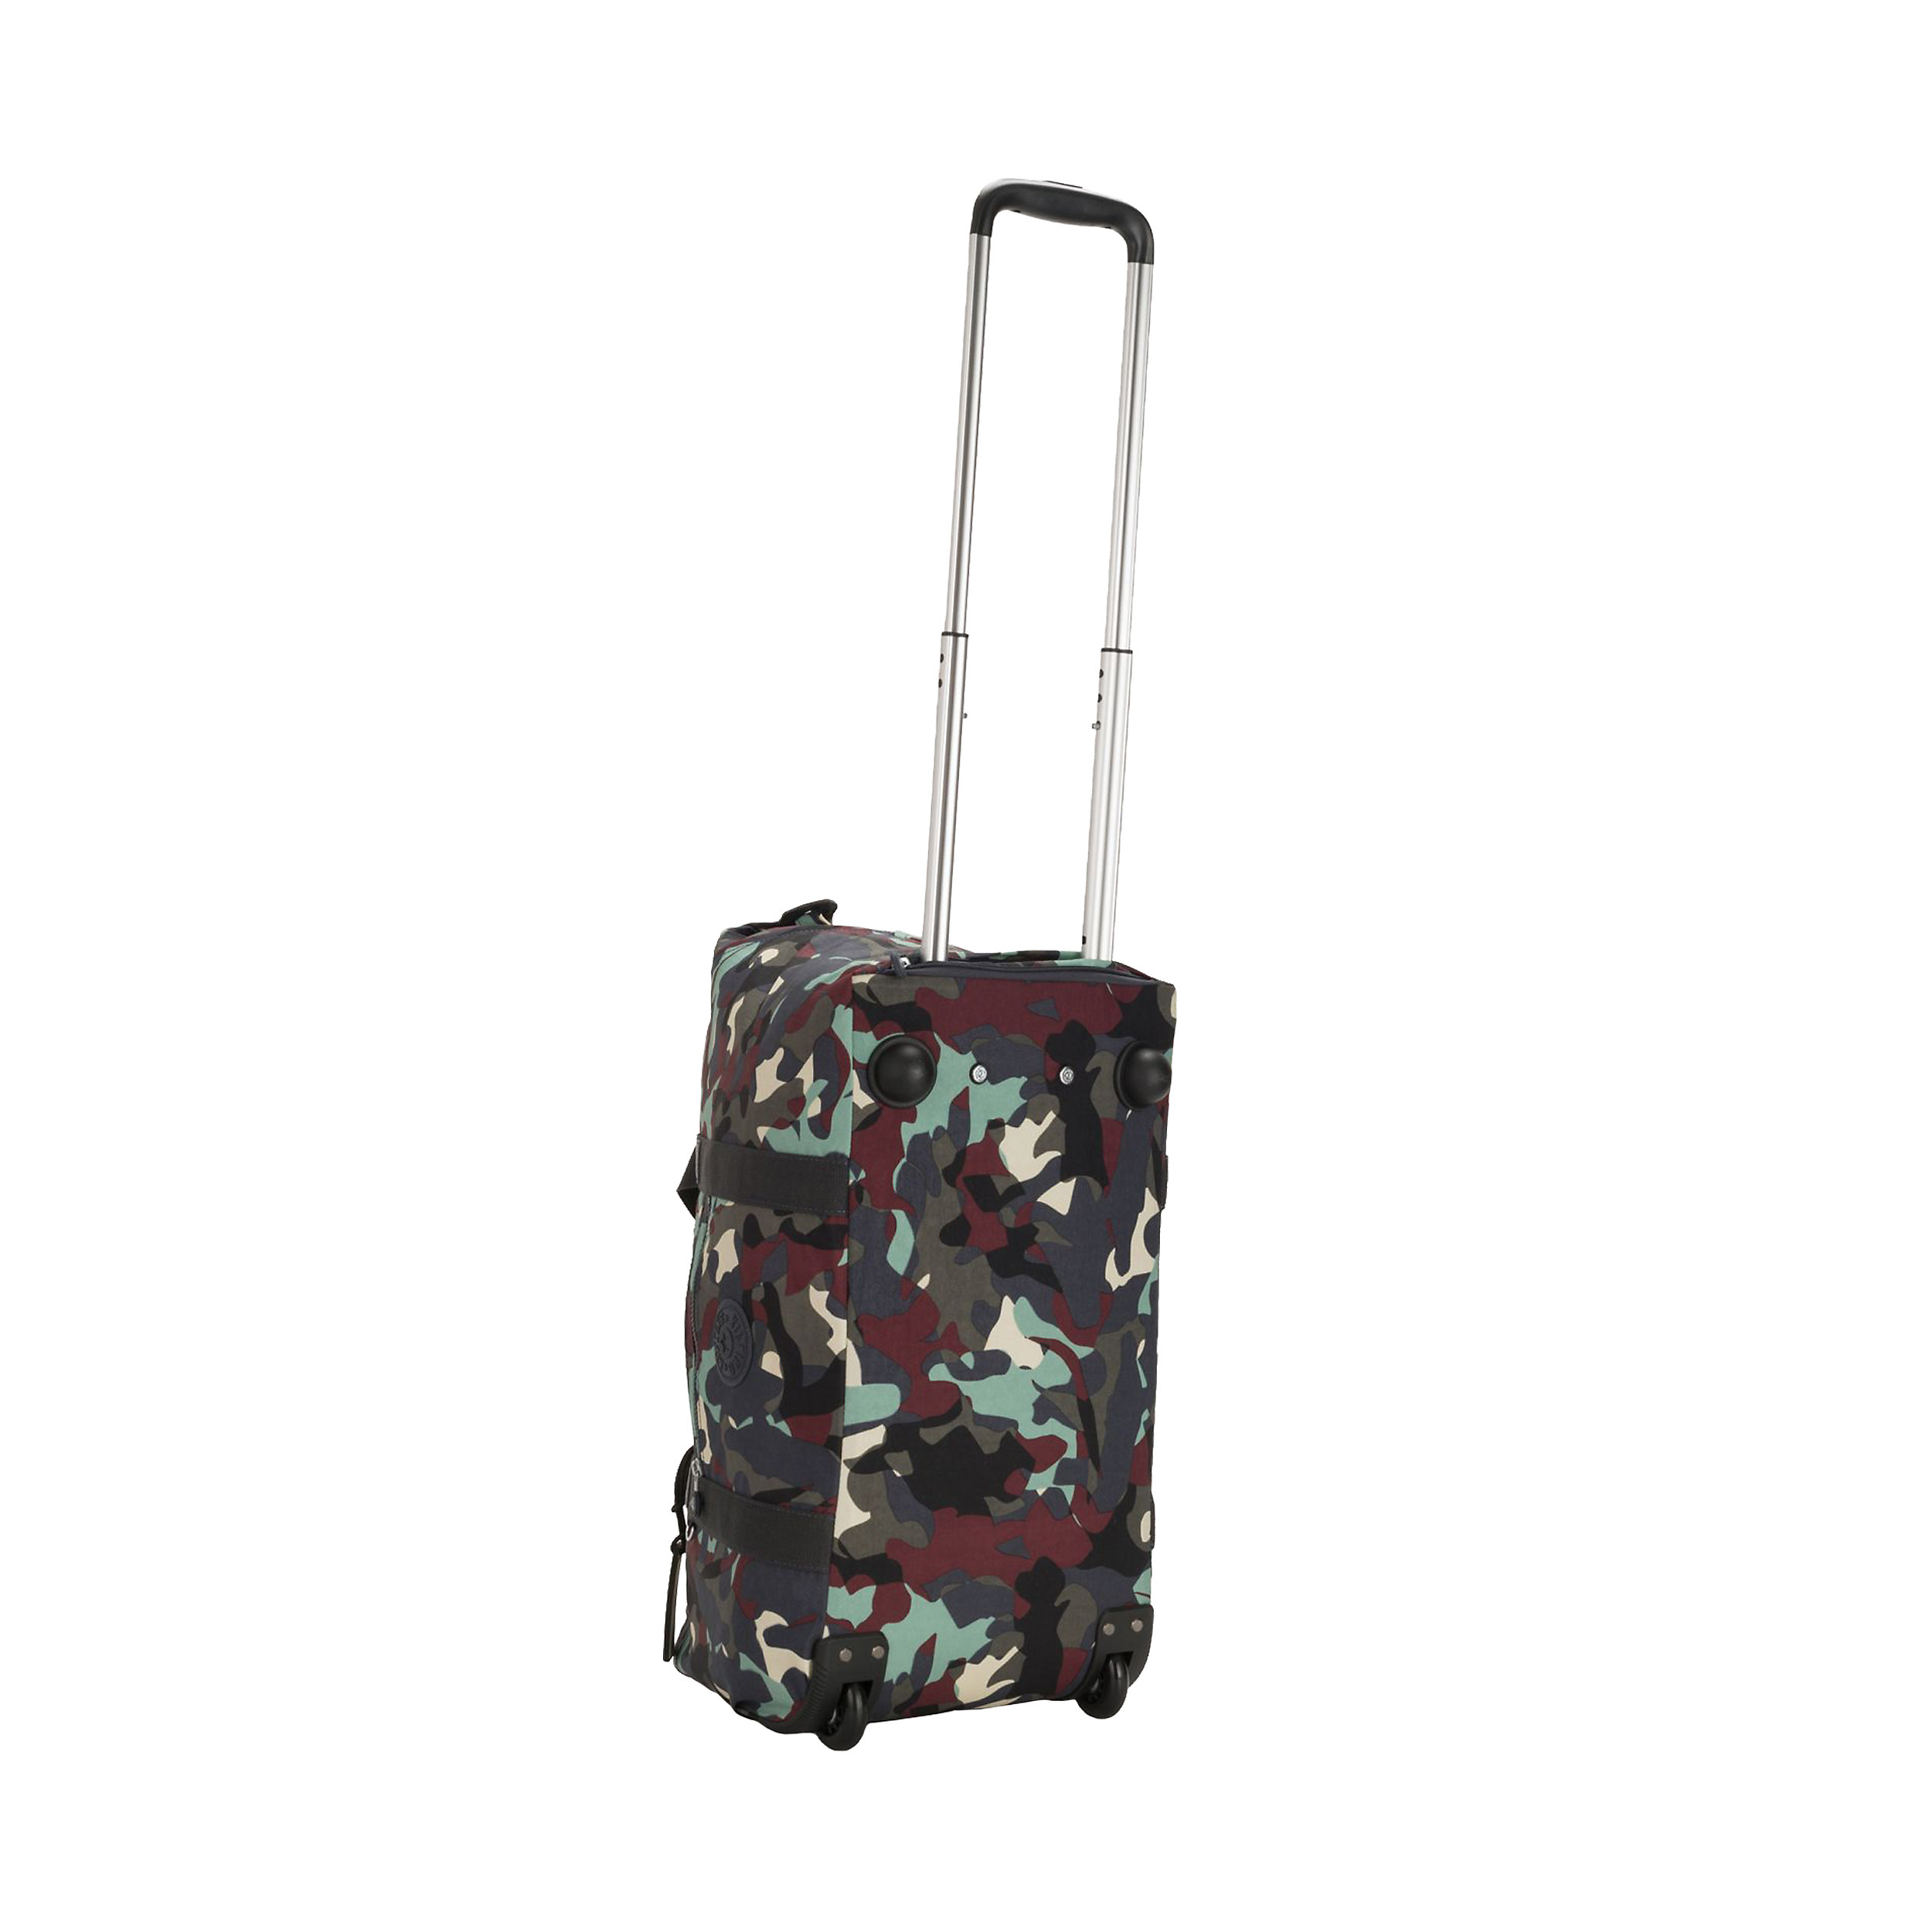 Rollenreisetasche mit 2 Rollen Art on Wheels M Basic 41 Liter